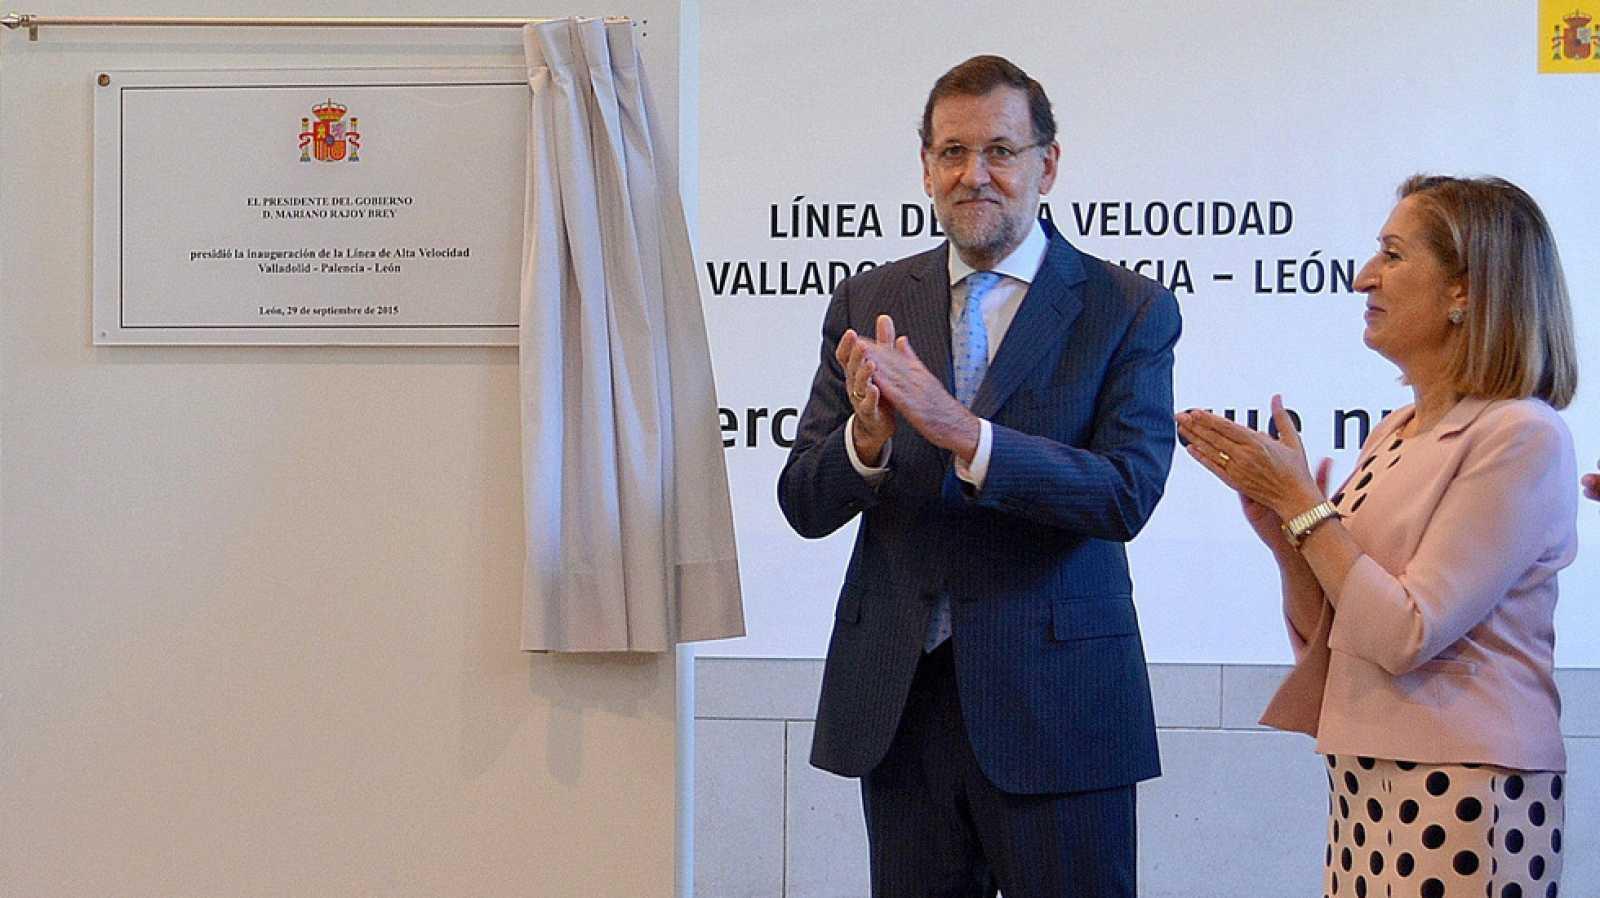 Rajoy inaugura el AVE a León